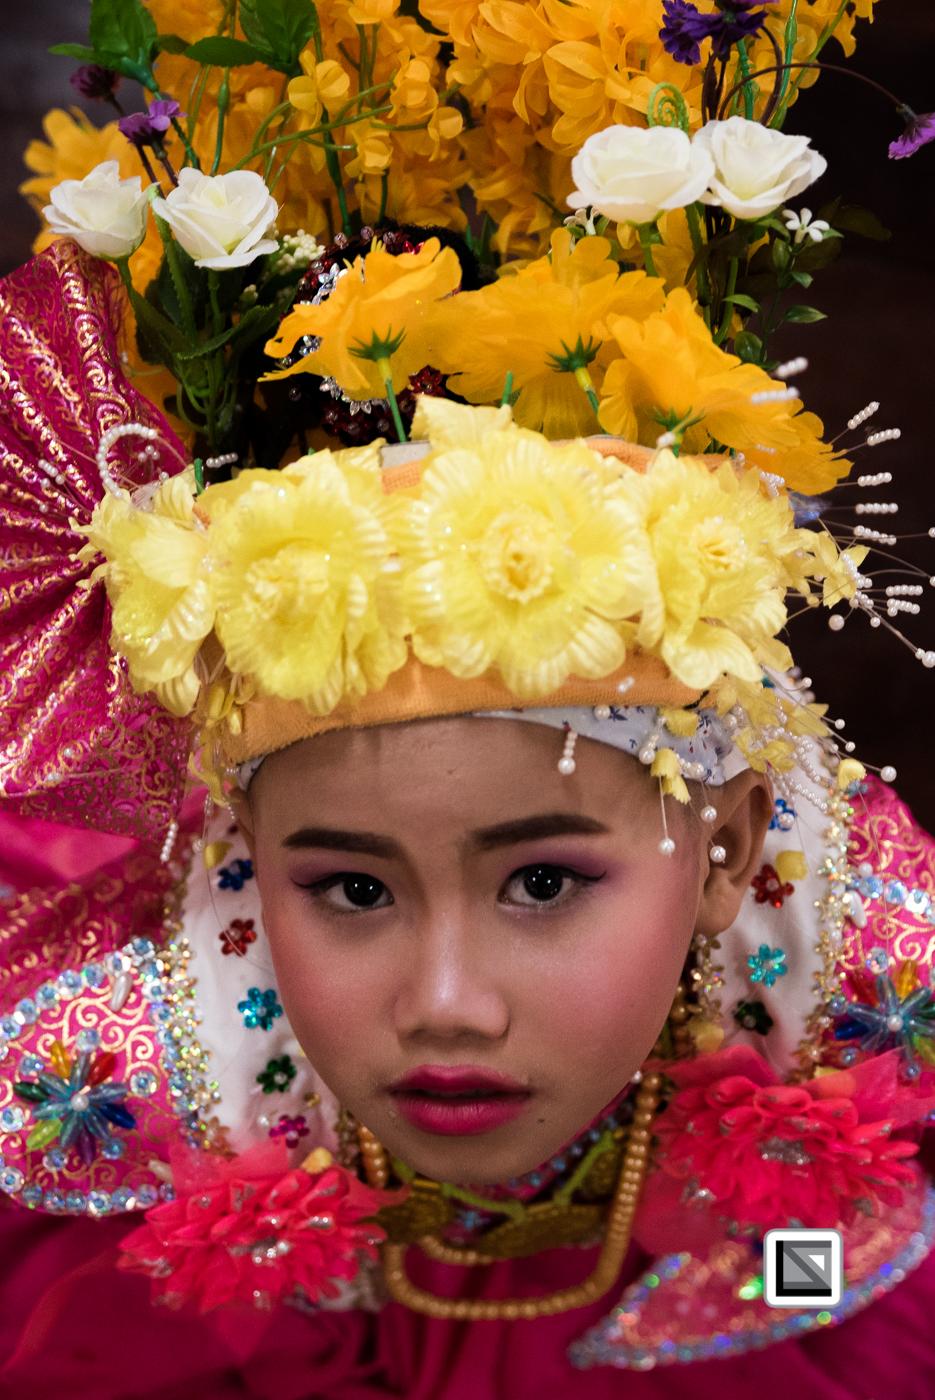 Poy_Sang_Long-Thailand-392